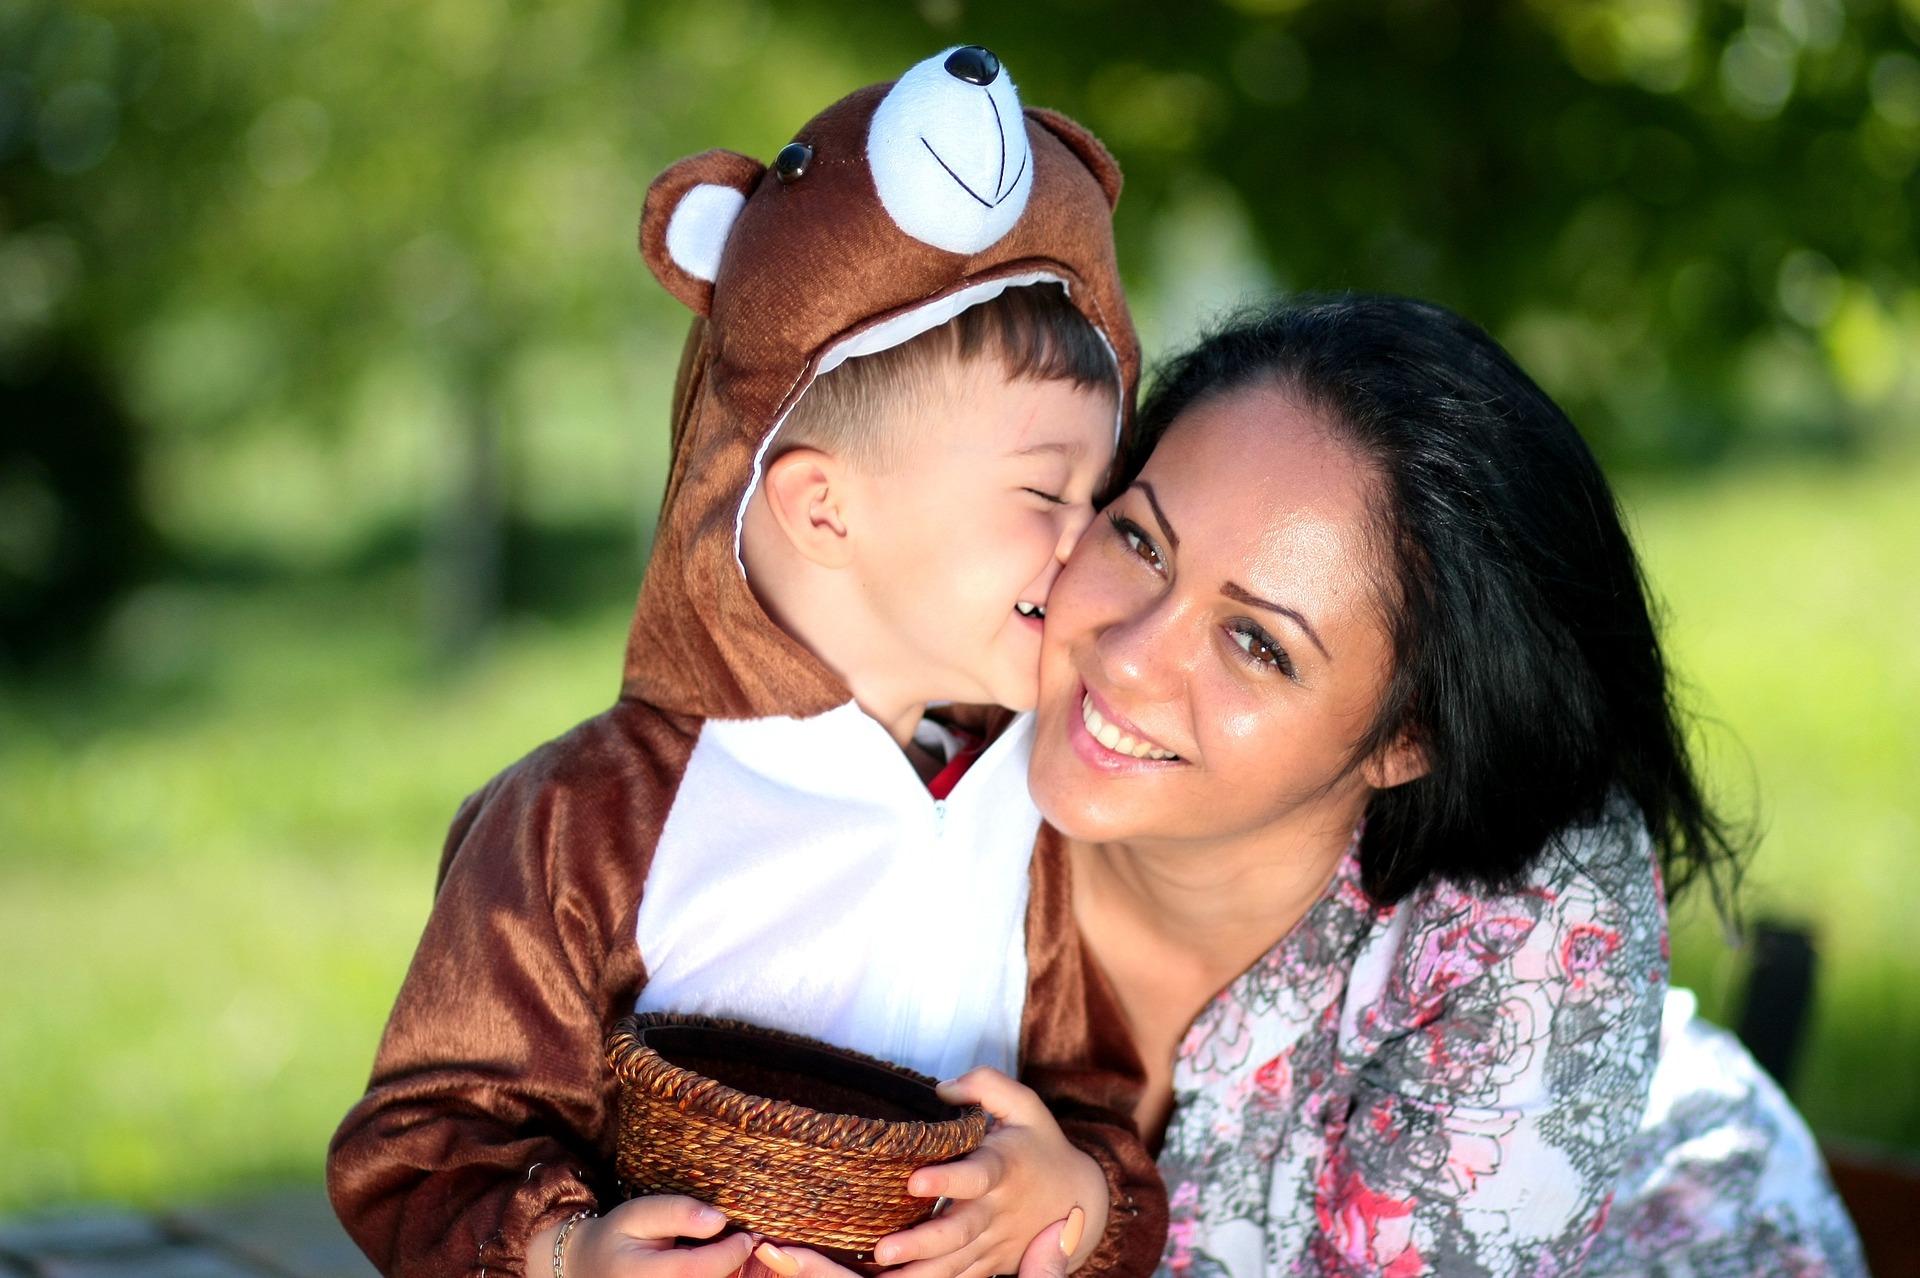 Medicare bulk billed children's dentistry for eligible children.